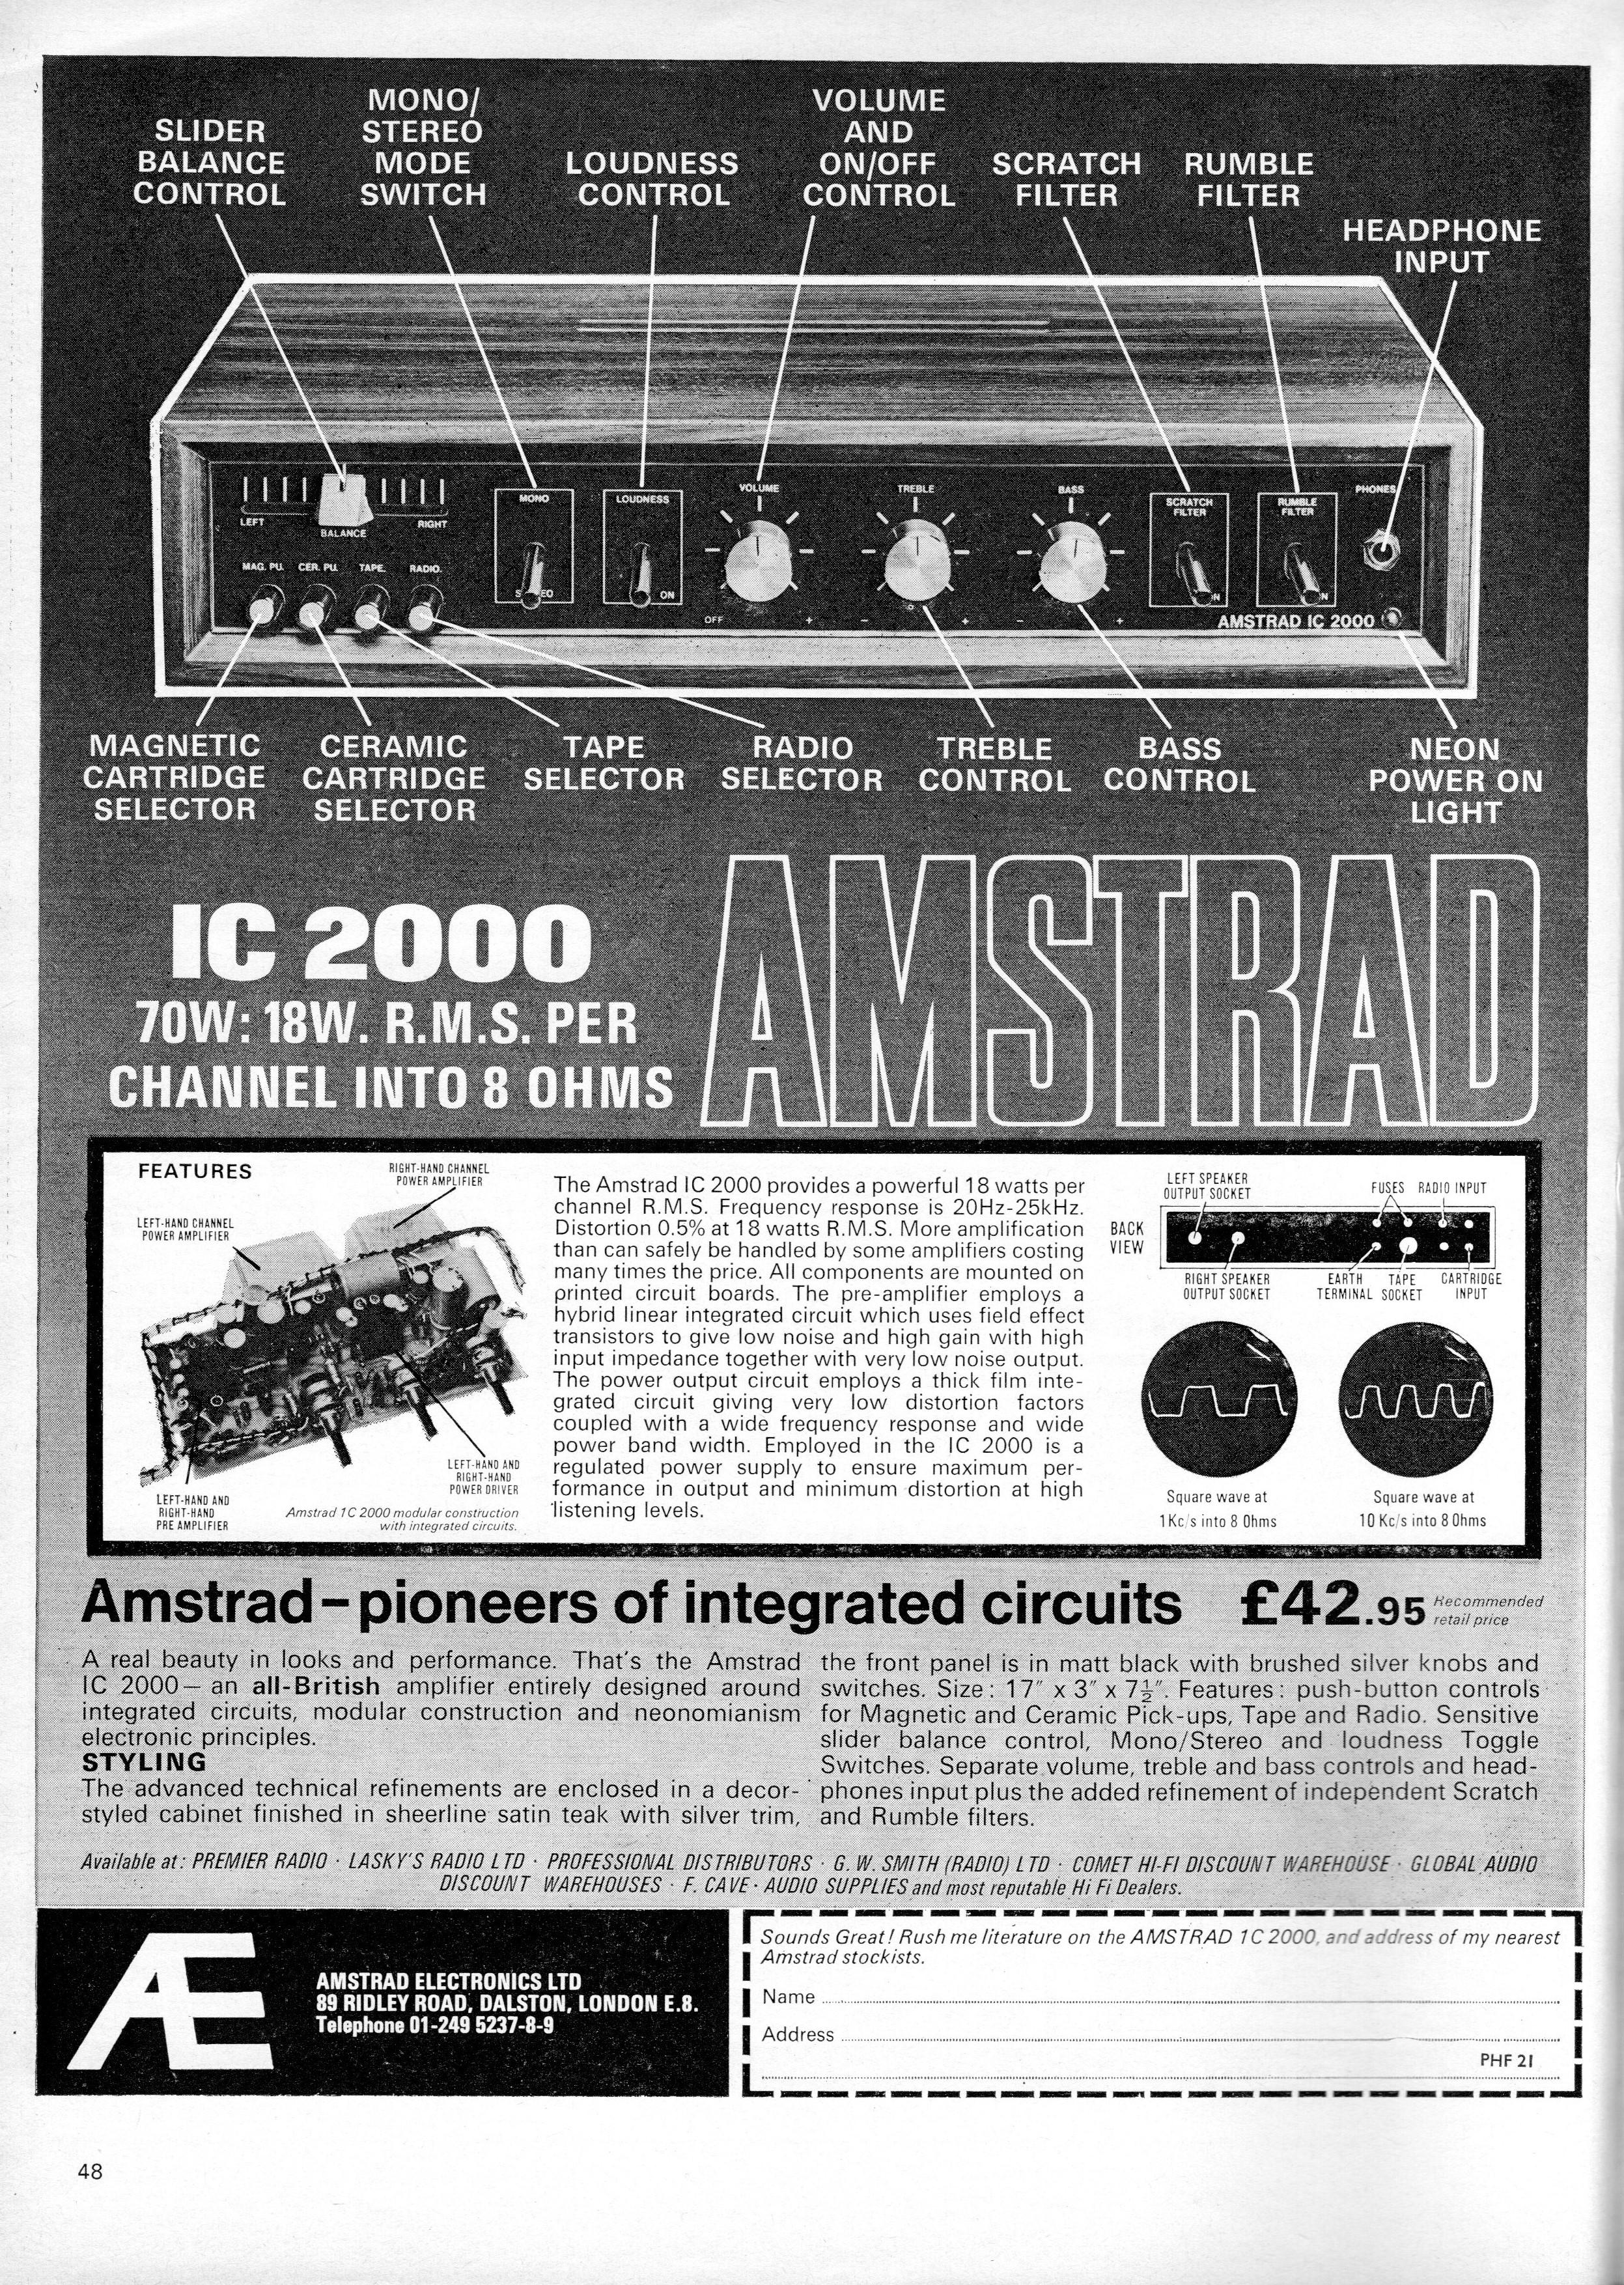 Amstrad Advert IC2000 1972.jpg